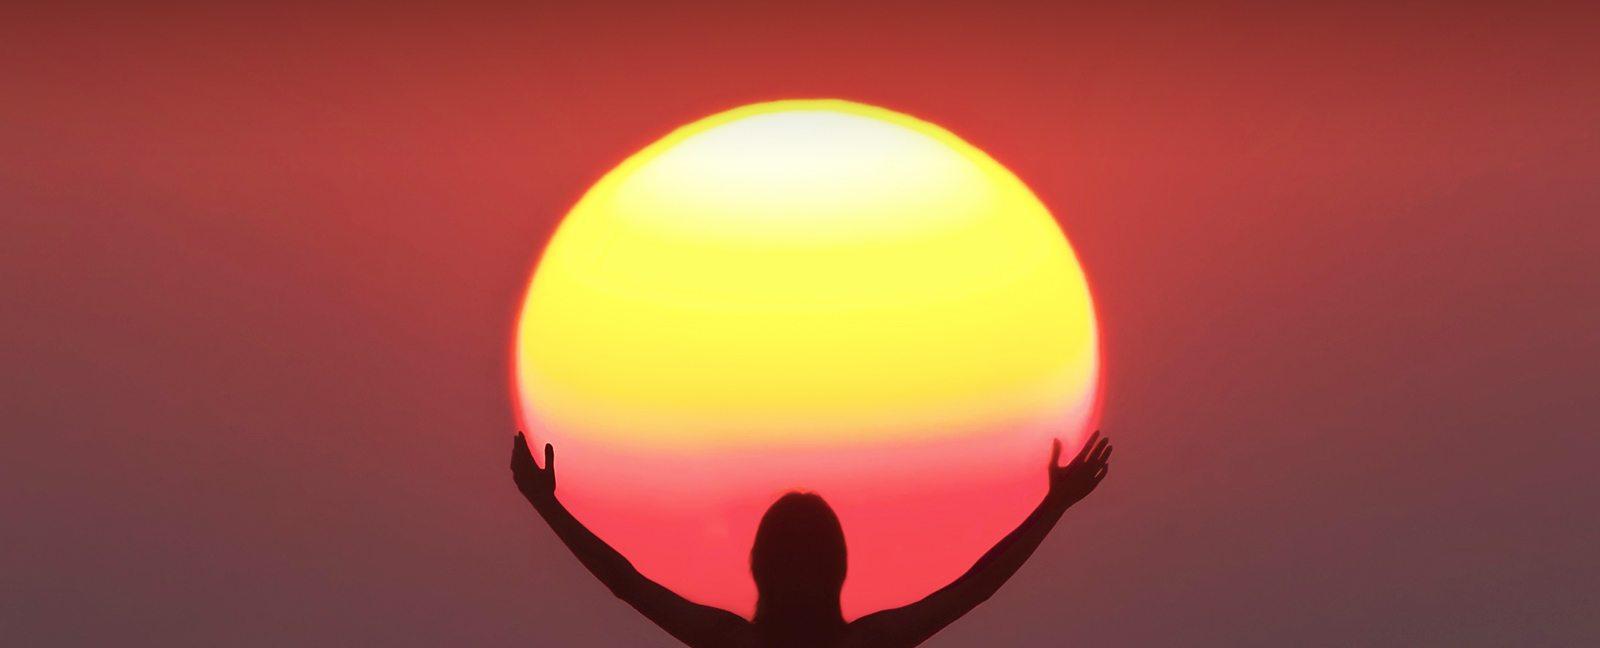 sunrise holding sun.jpg